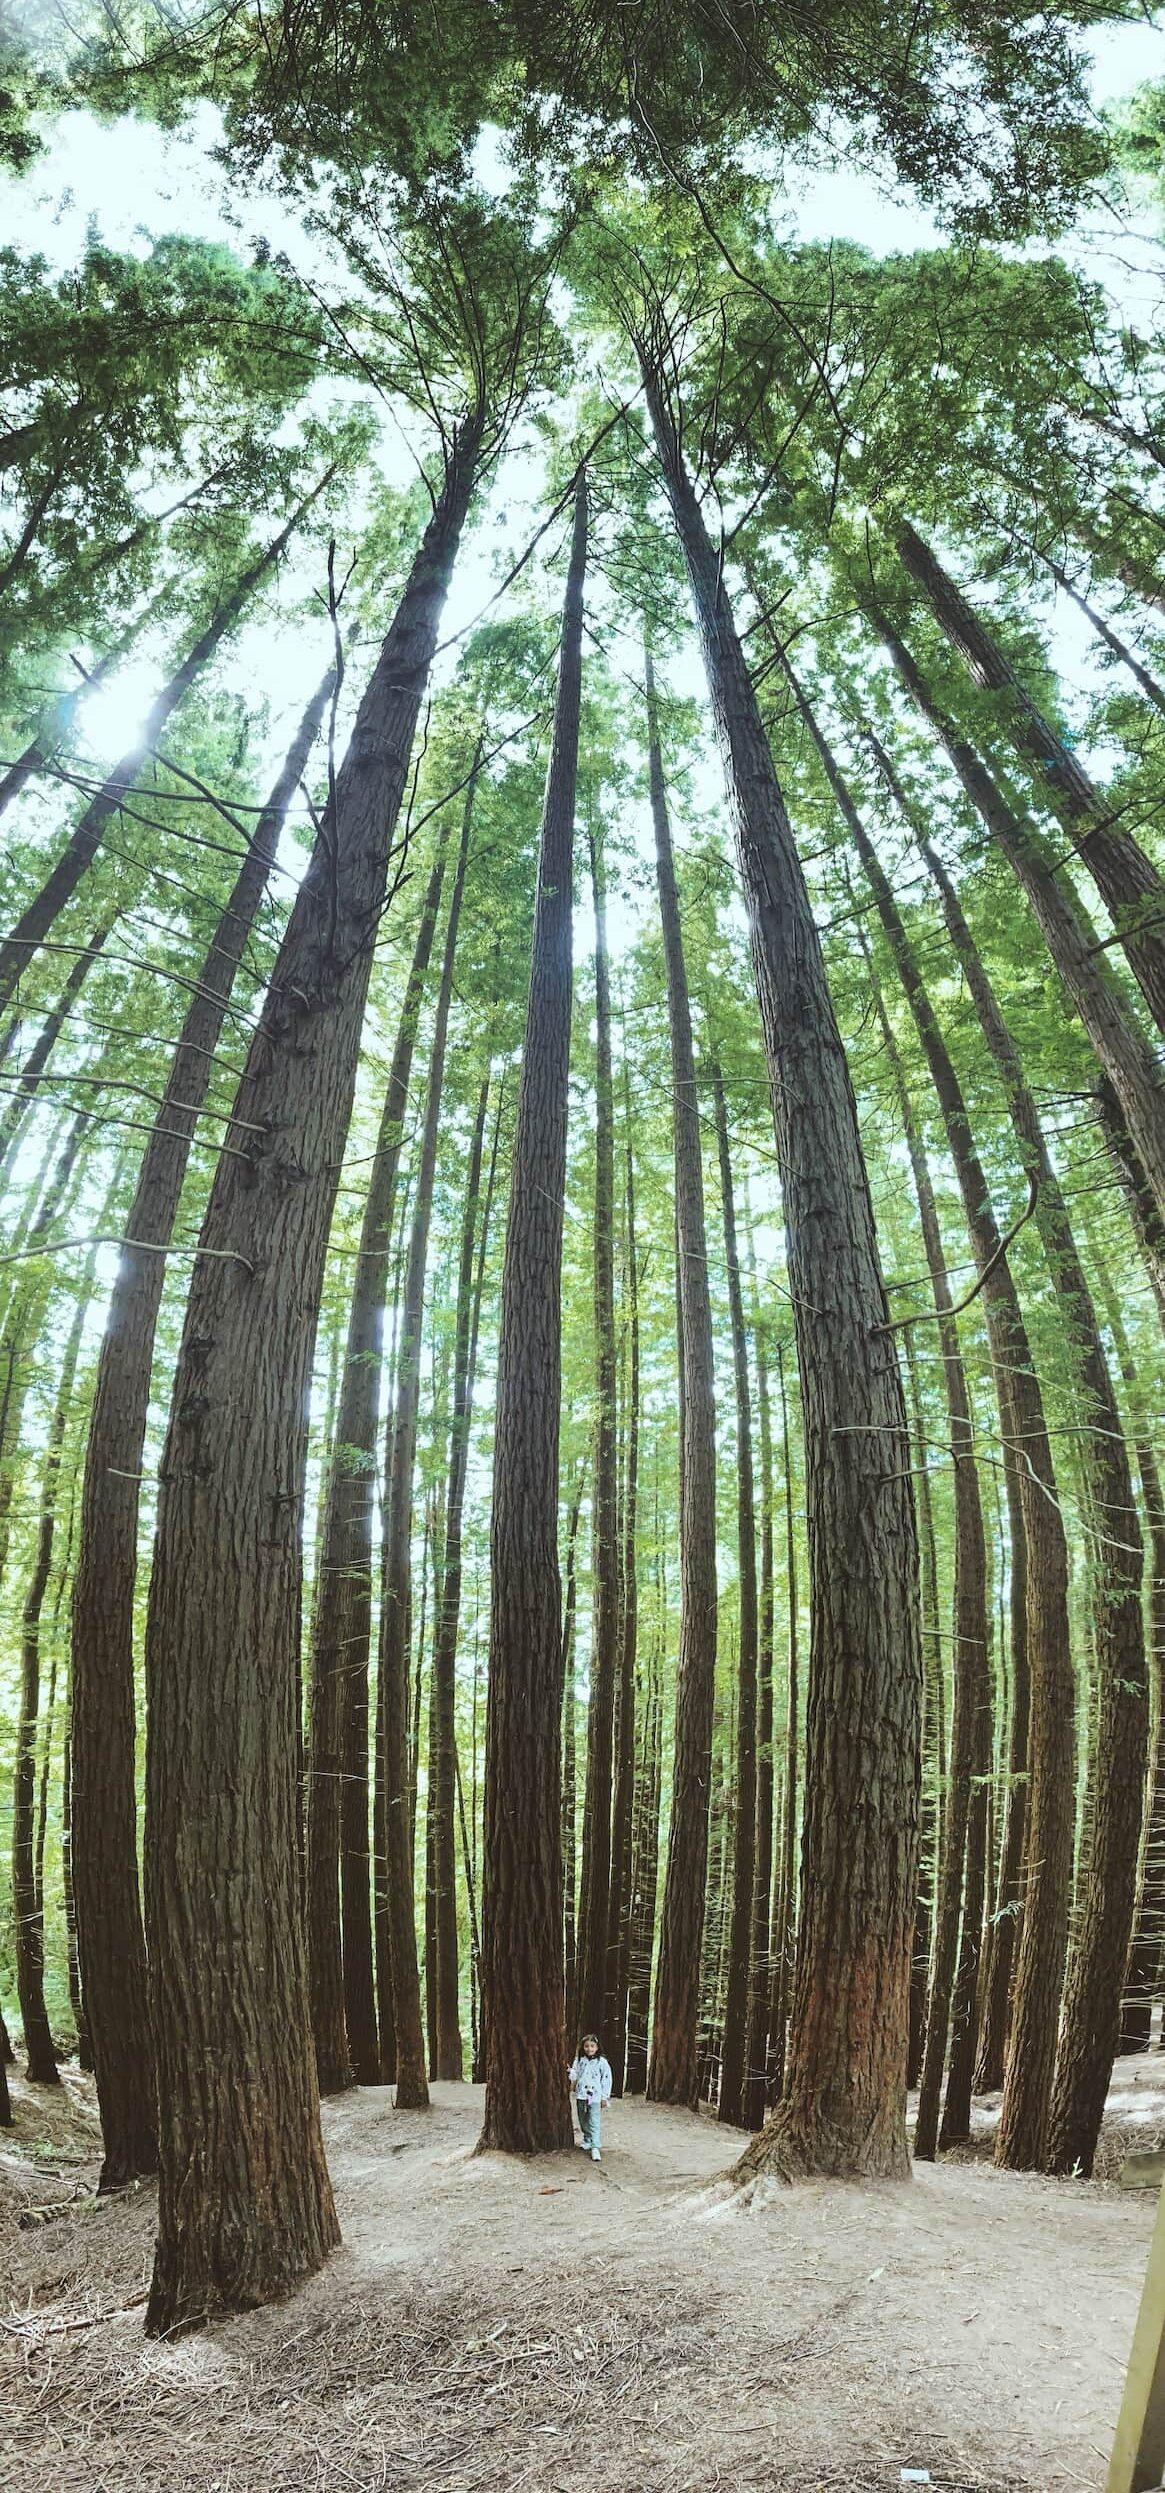 Panorámica vertical en bosque de secuoyas realizada con móvil